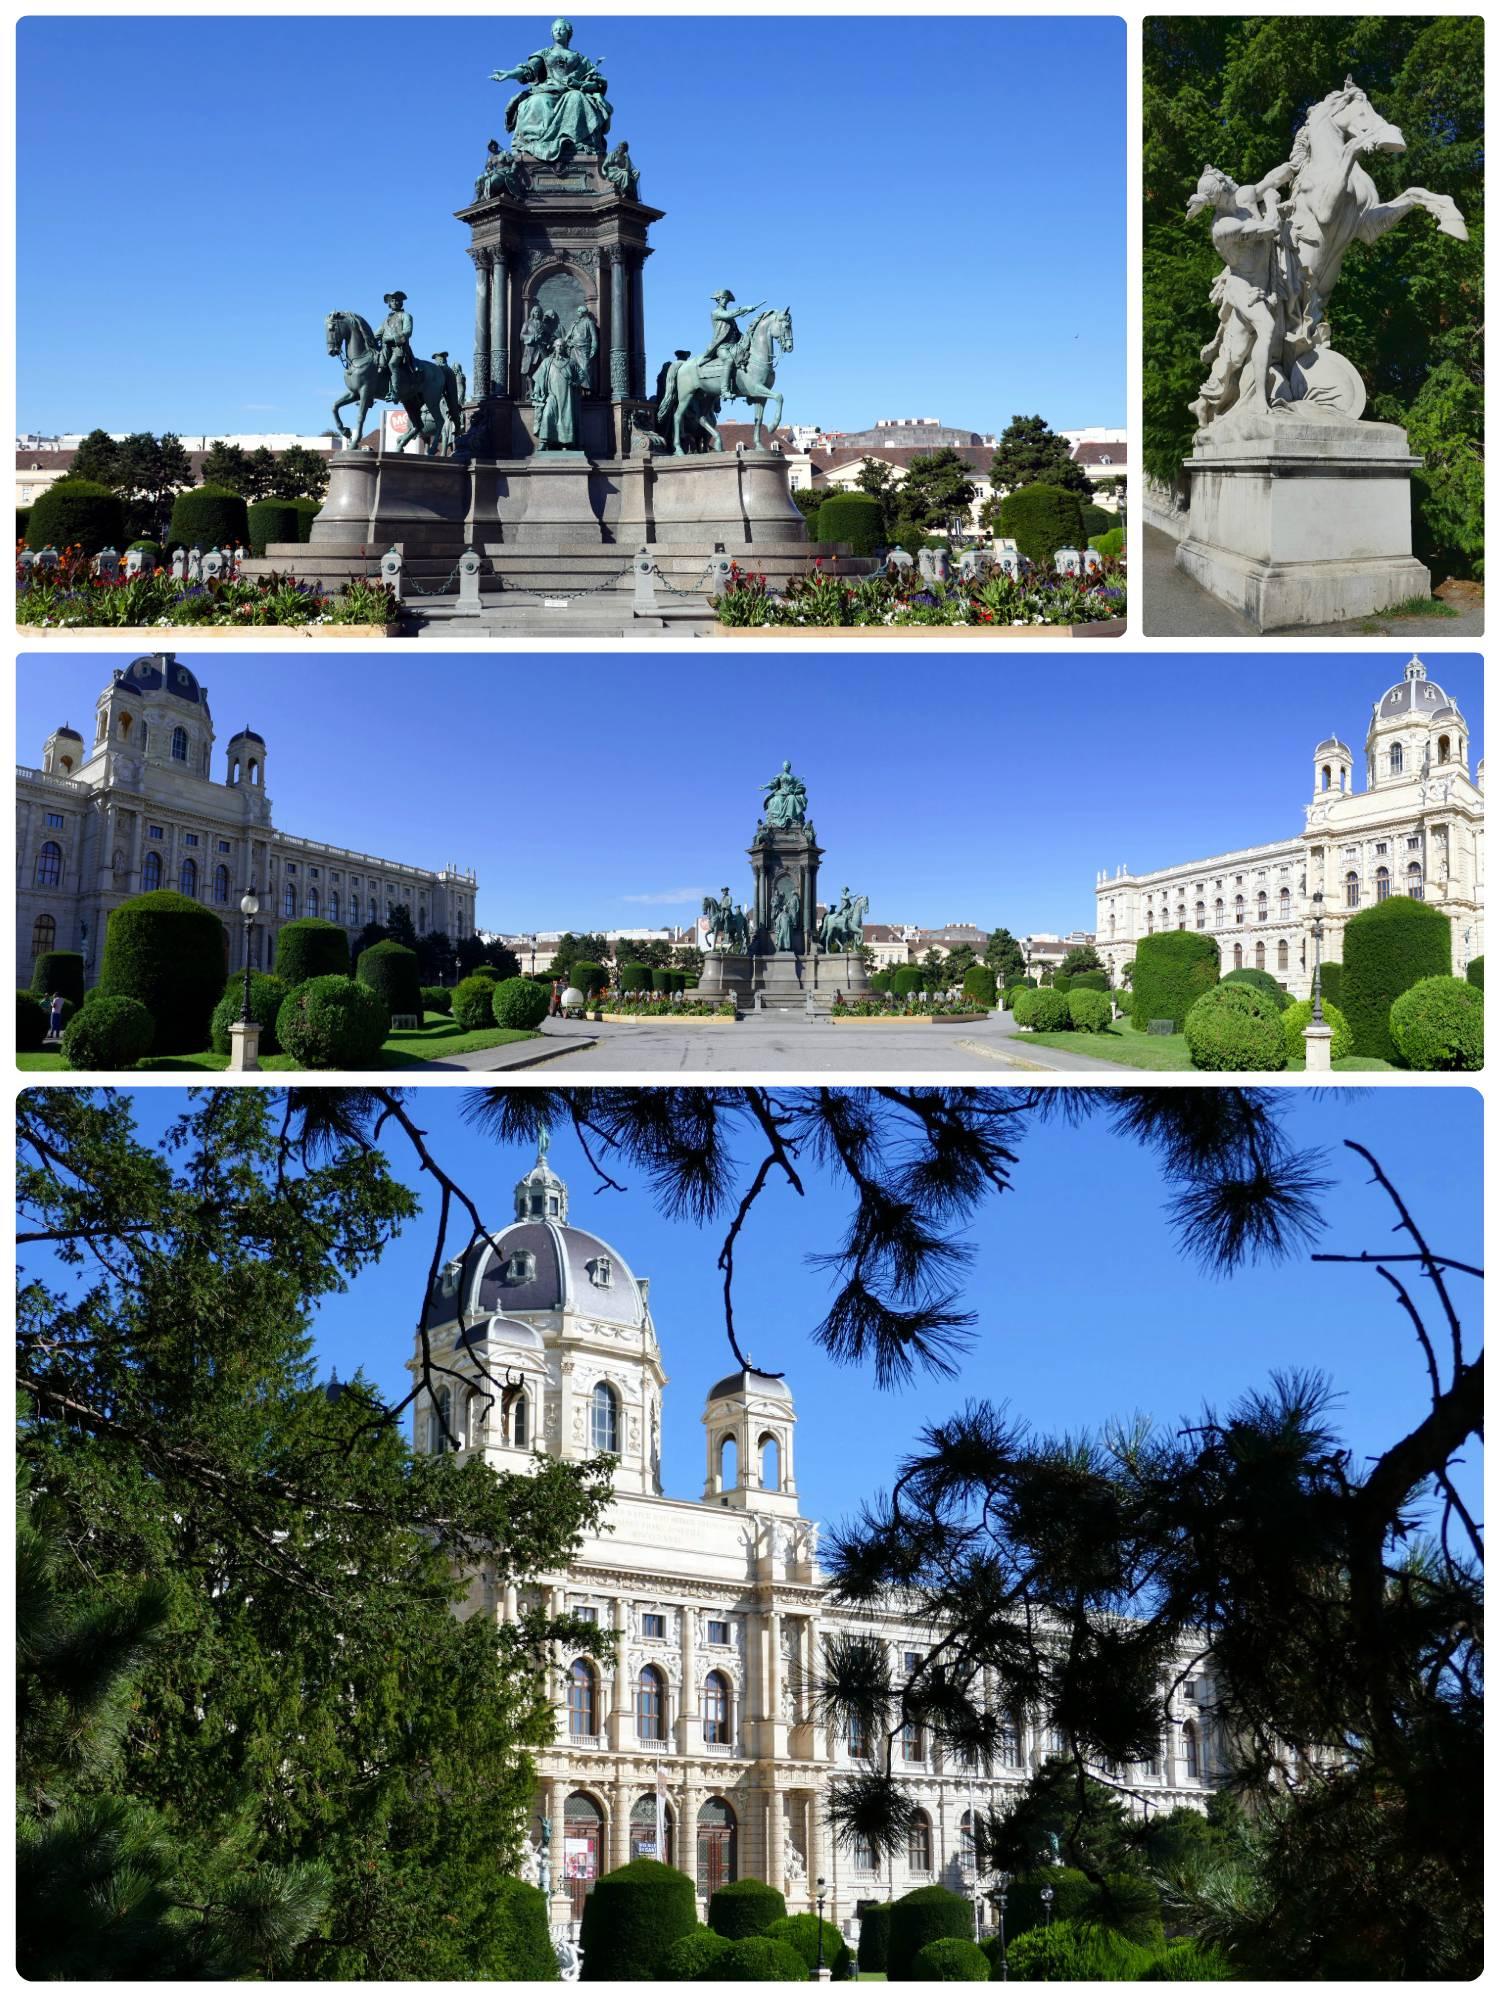 Maria Tereza Square